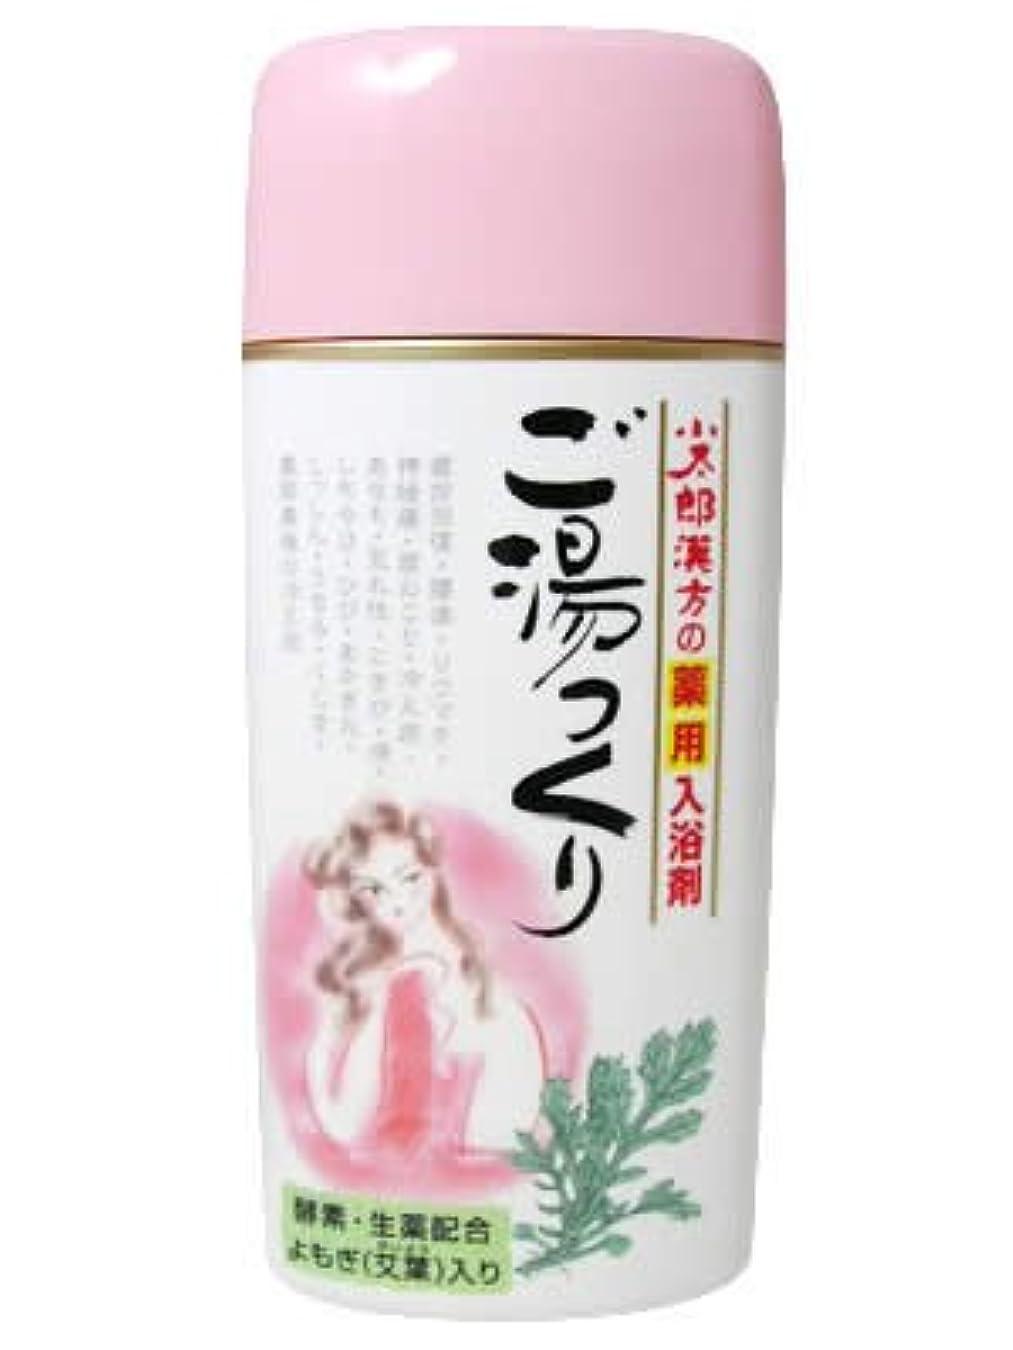 凍るディプロマ豊富ご湯っくり 500g(入浴剤)